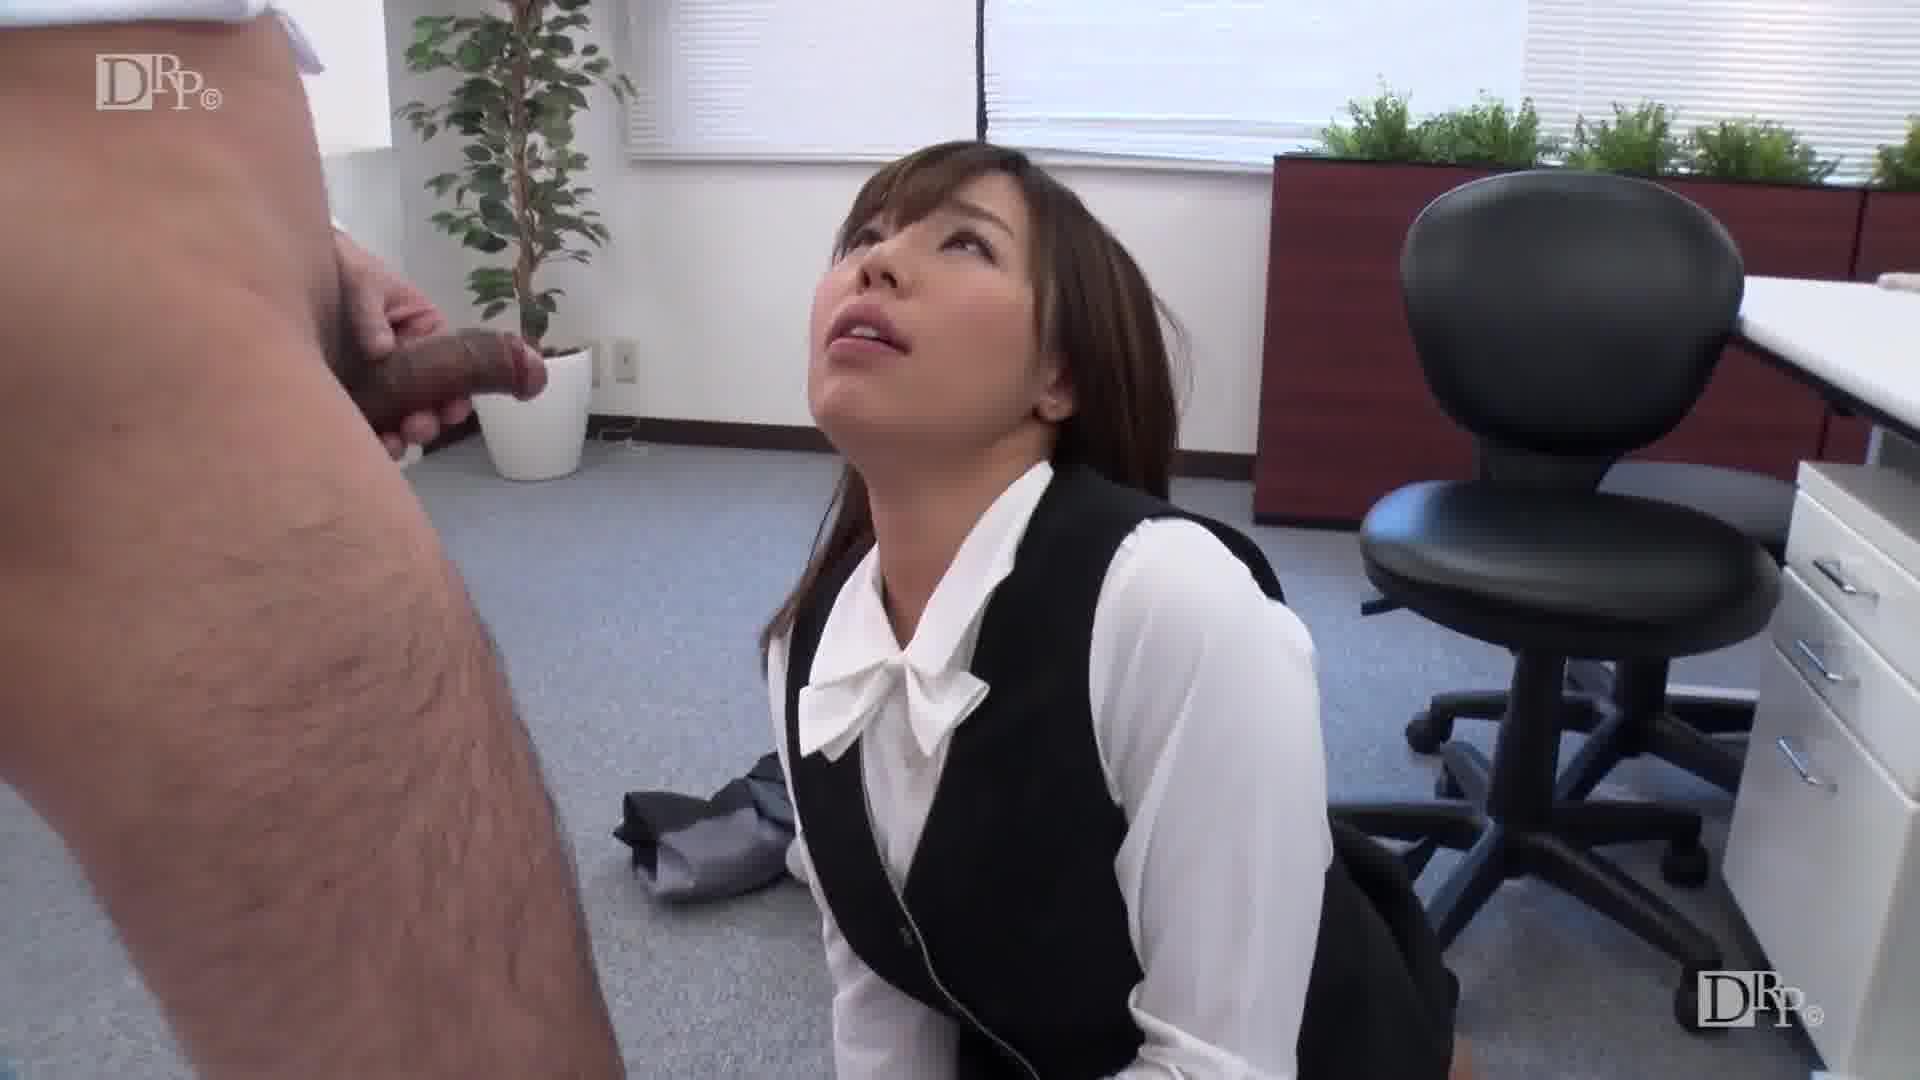 誰もいないオフィスで後ろから突然でした - 西条沙羅【巨乳・イラマチオ・OL】